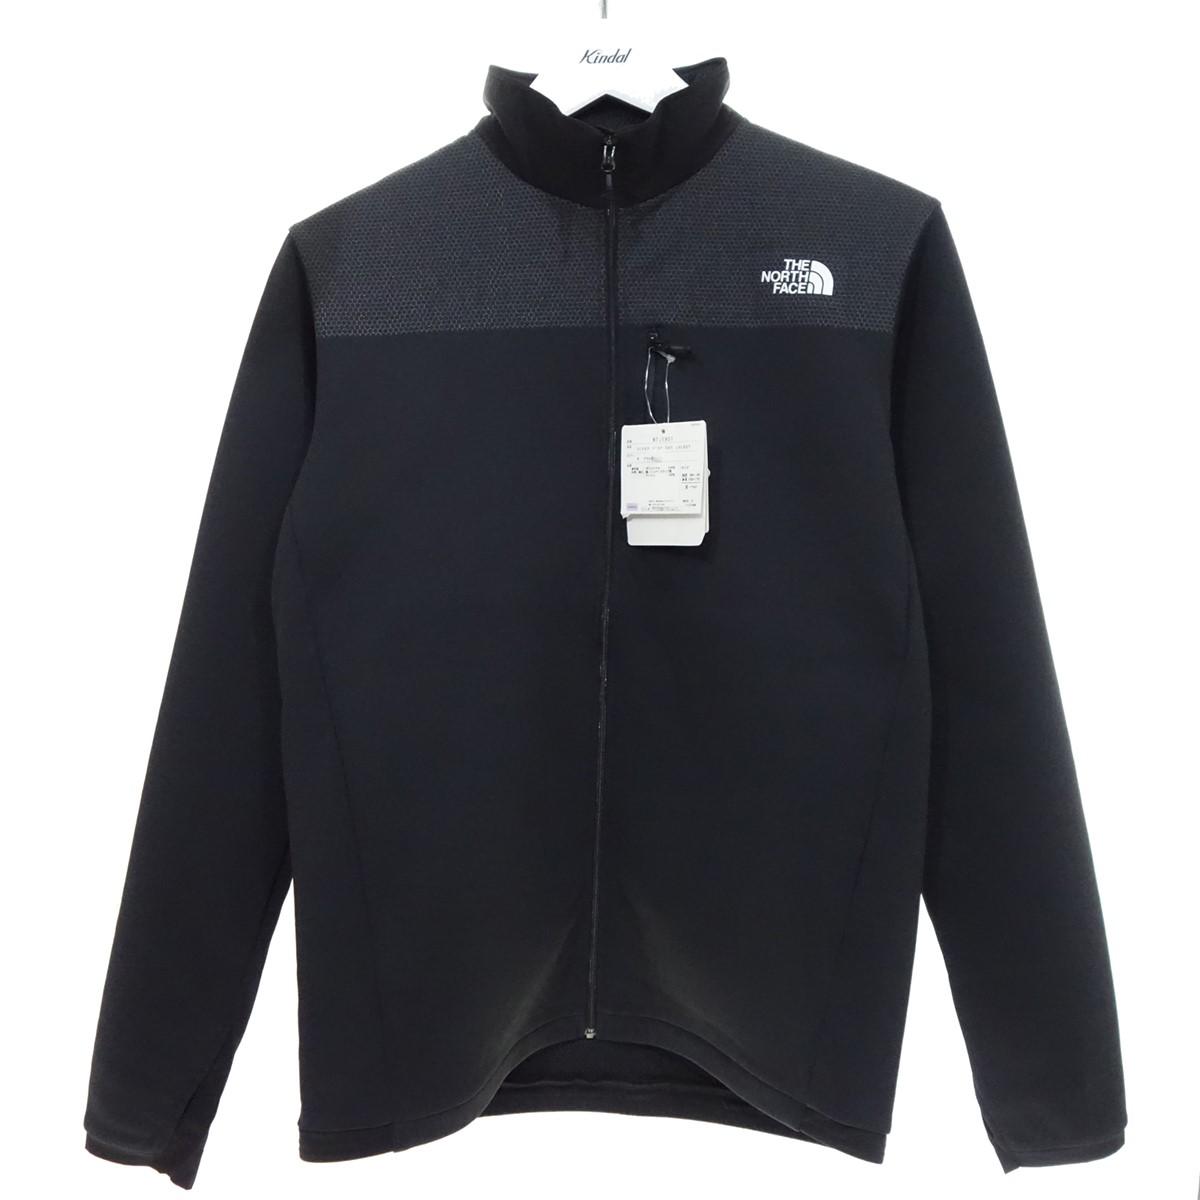 【中古】THE NORTH FACE NT11901 SUPER VENT DRY JACKET ジャケット ブラック サイズ:M 【230620】(ザノースフェイス)